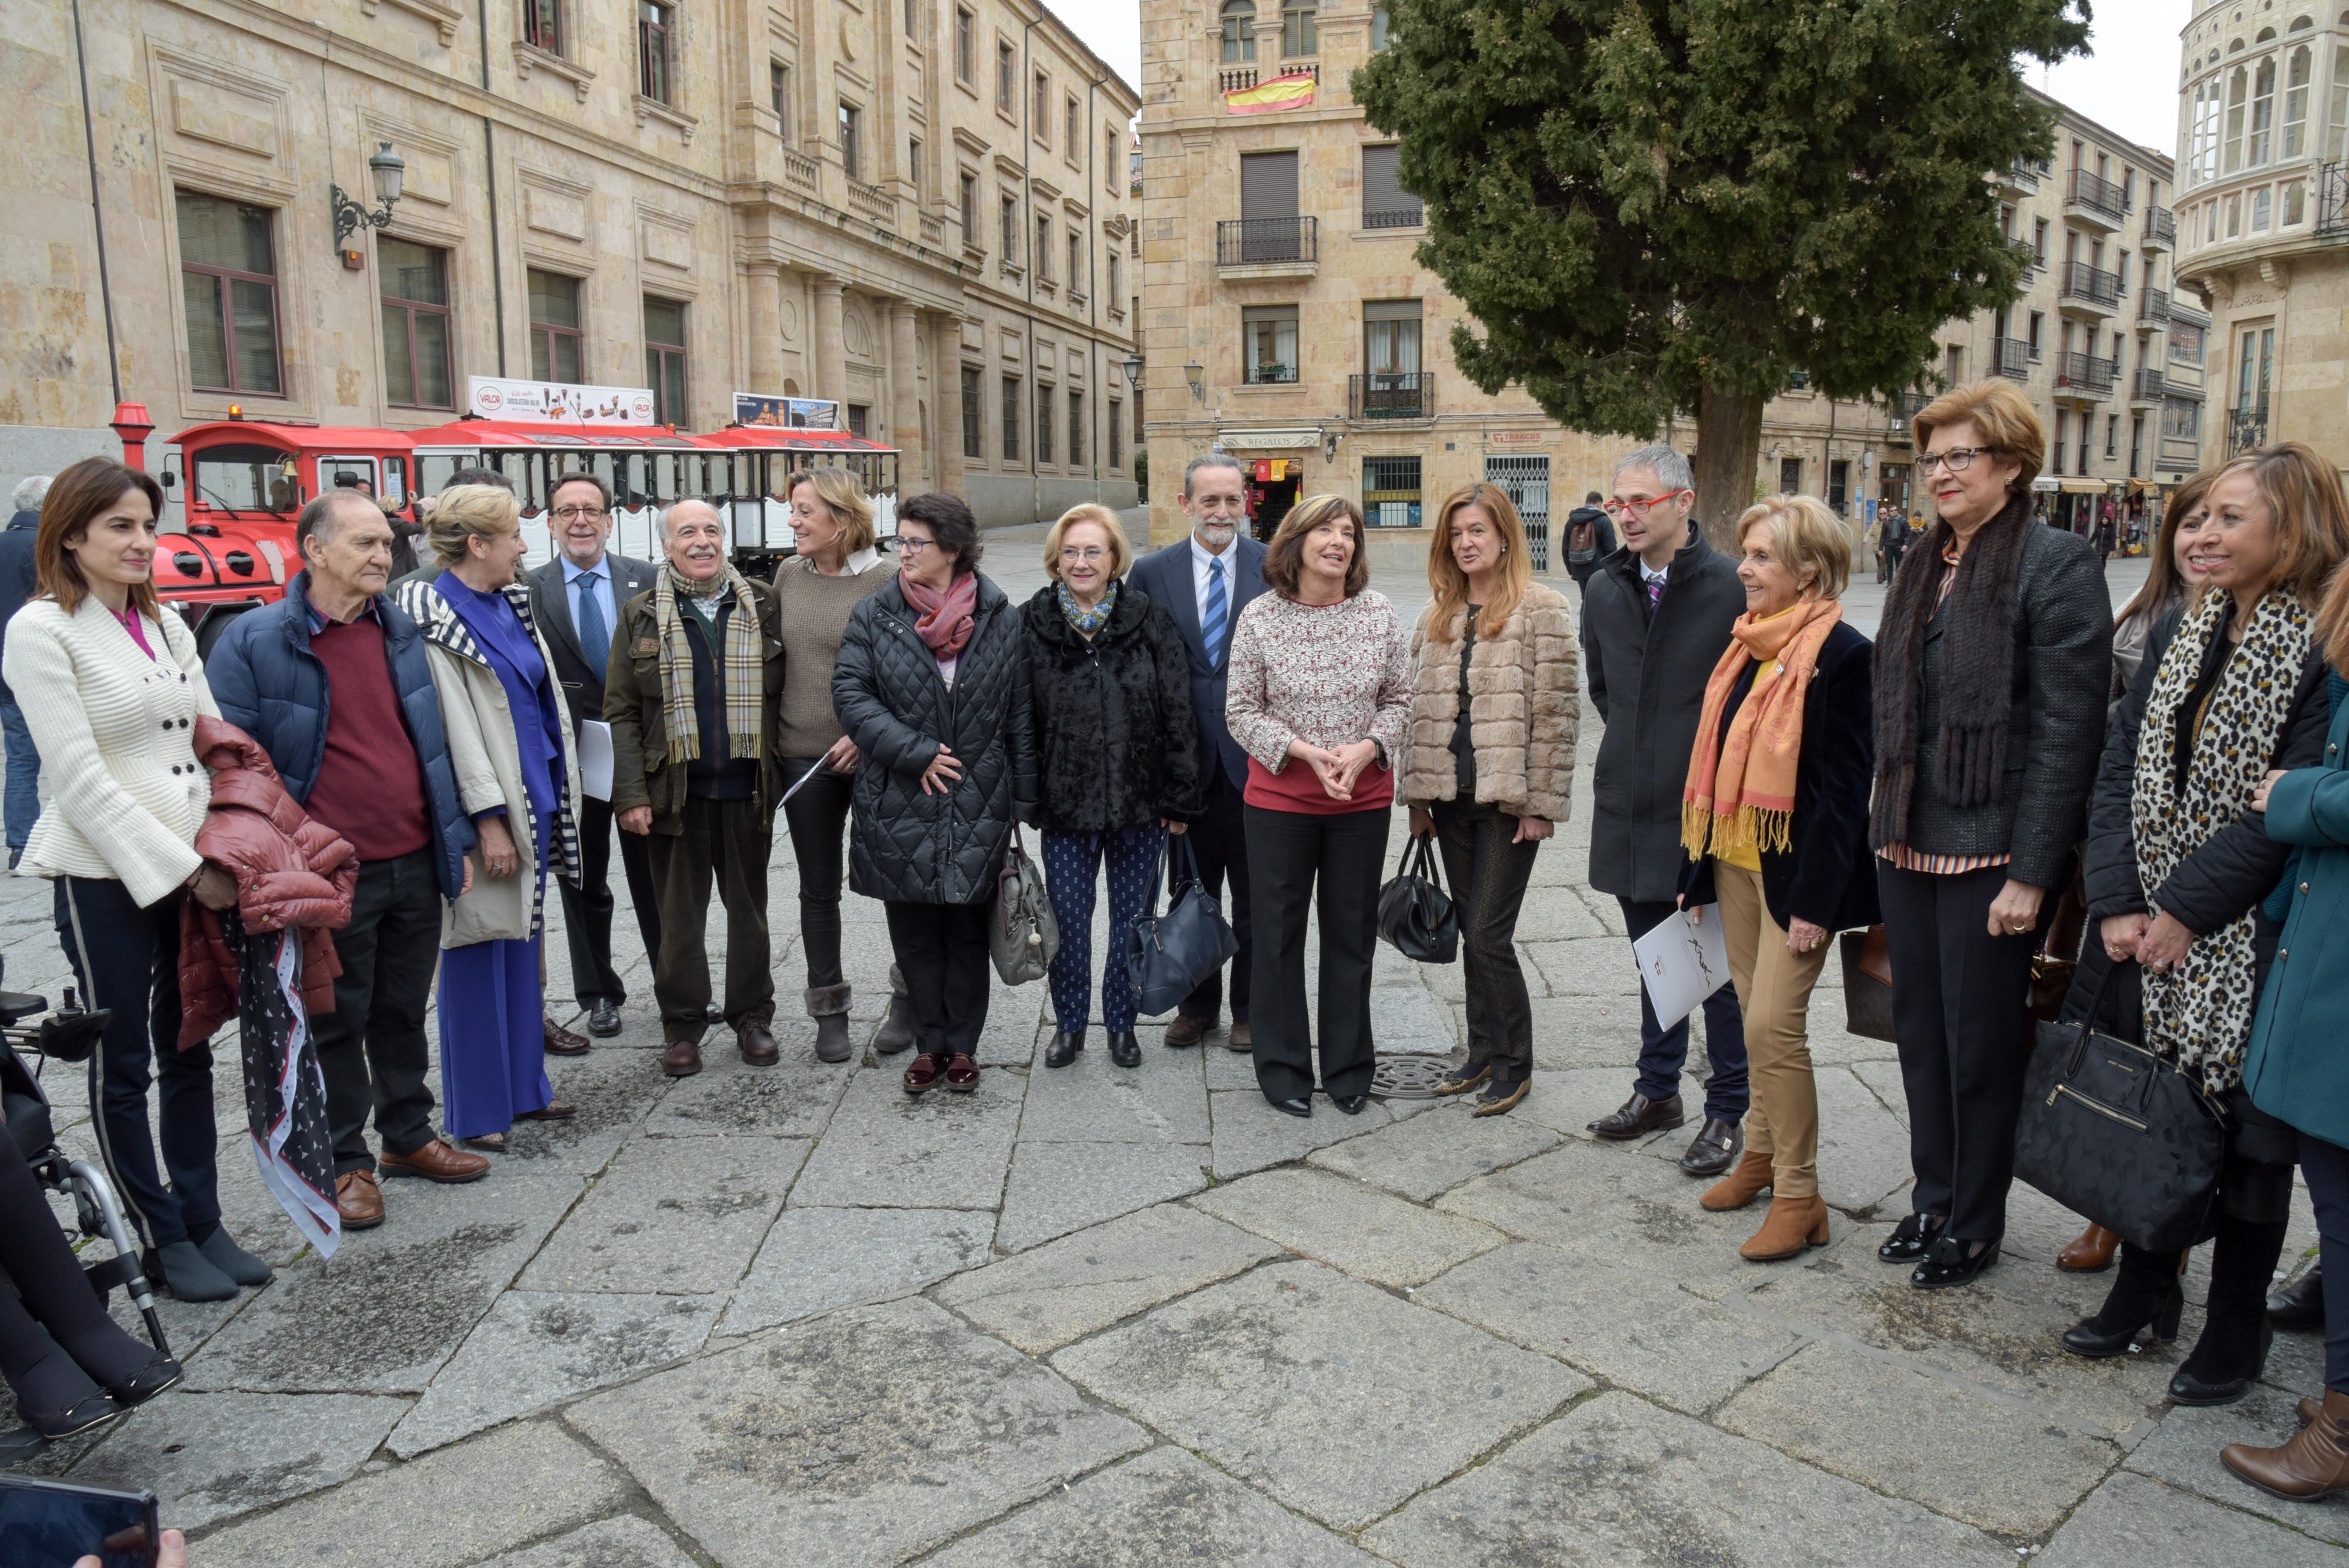 La Universidad de Salamanca participa en el Día Mundial del Riñón organizado por la Fundación Renal Íñigo Álvarez de Toledo